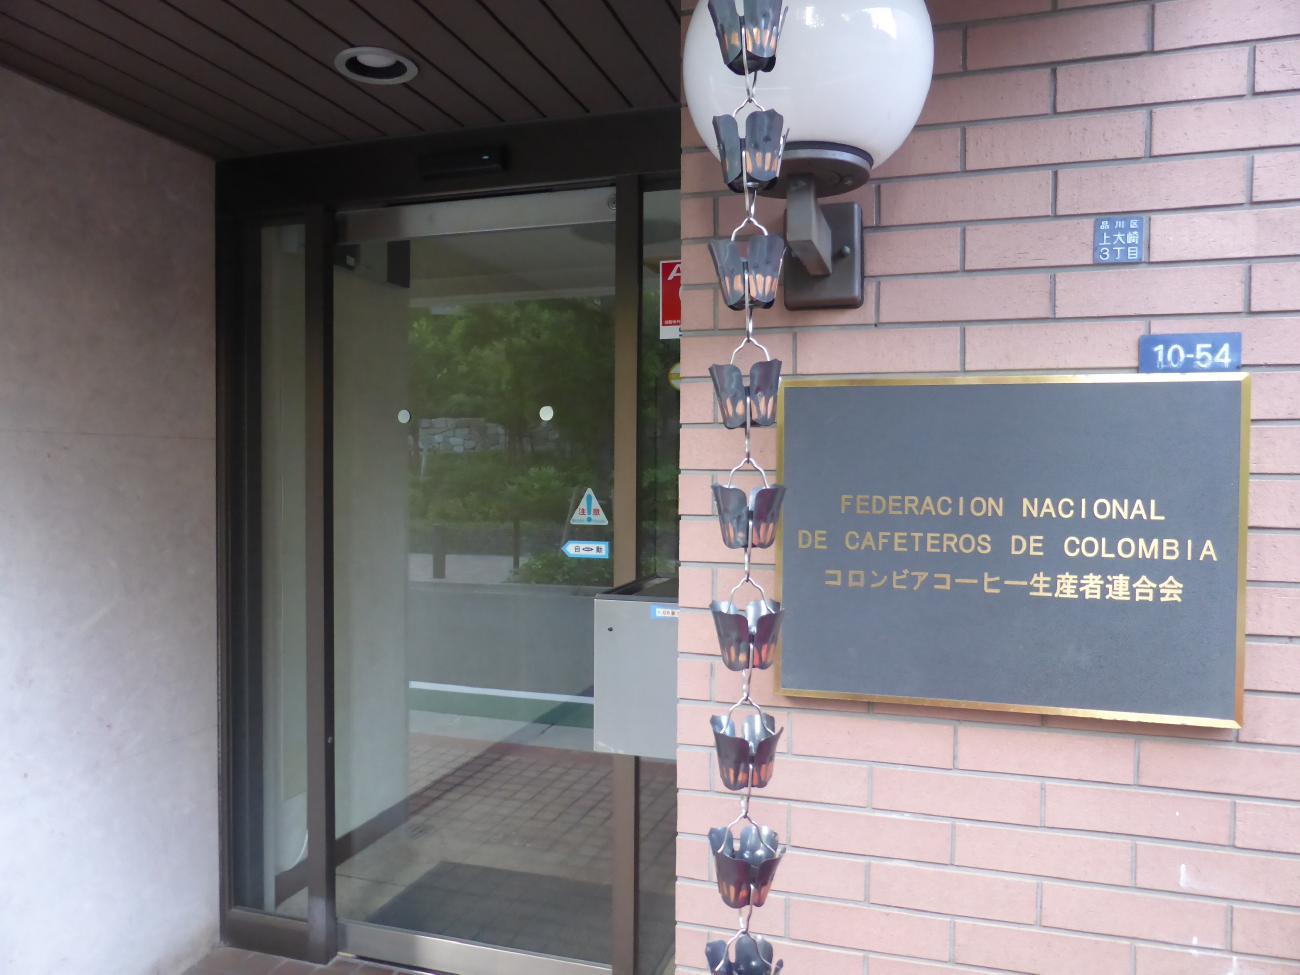 Oficina de la Federación Nacional de Cafeteros de Colombia, que se encuentra en la embajada colombiana en Tokio, Japón.